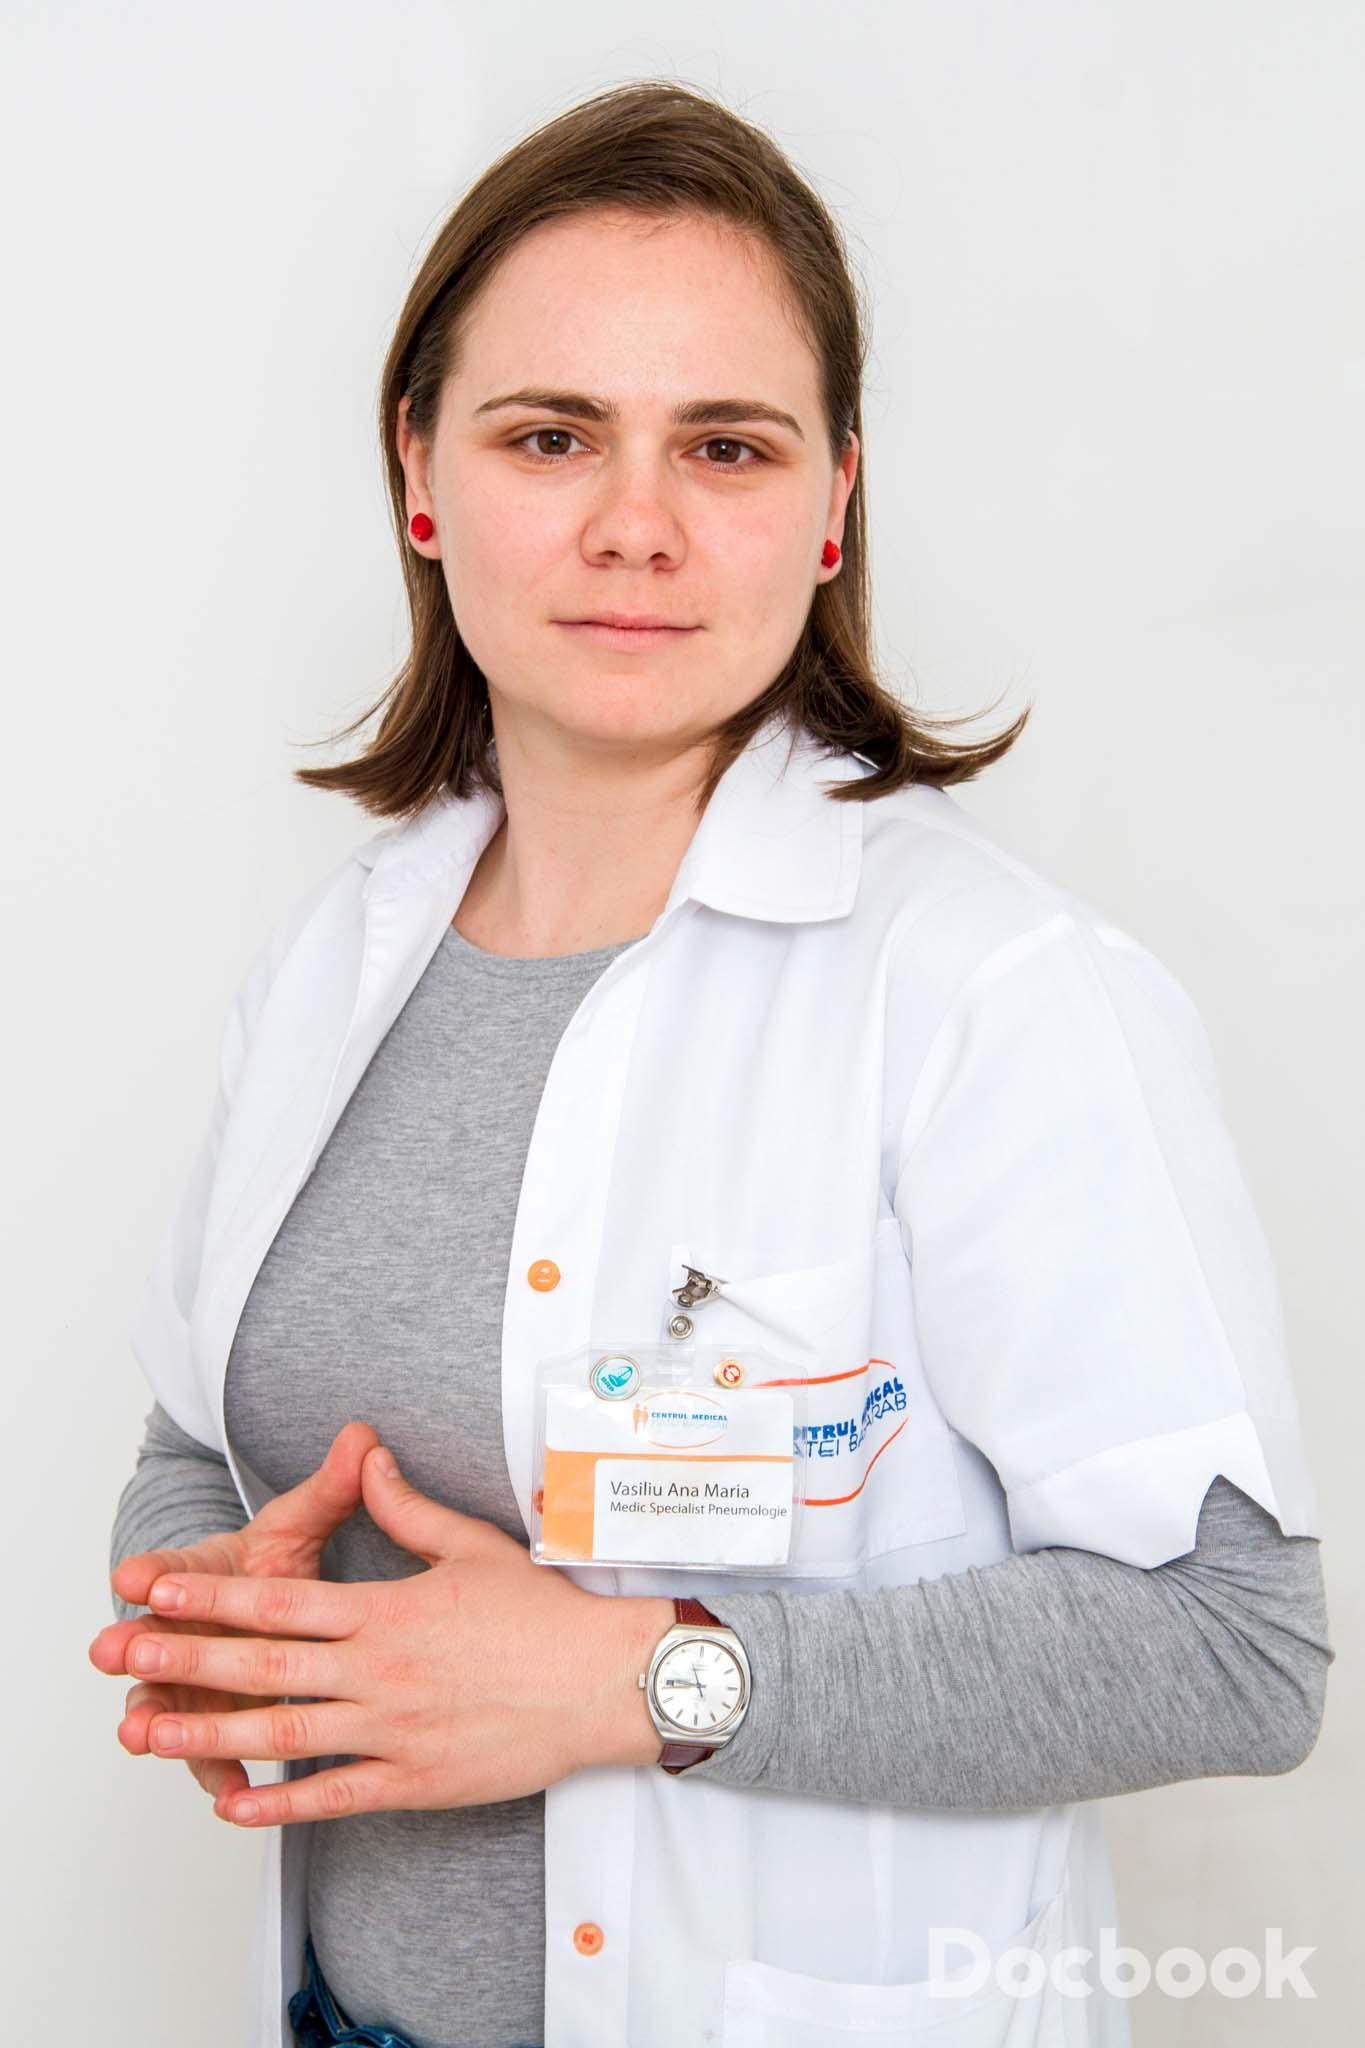 Dr. Ana Vasiliu